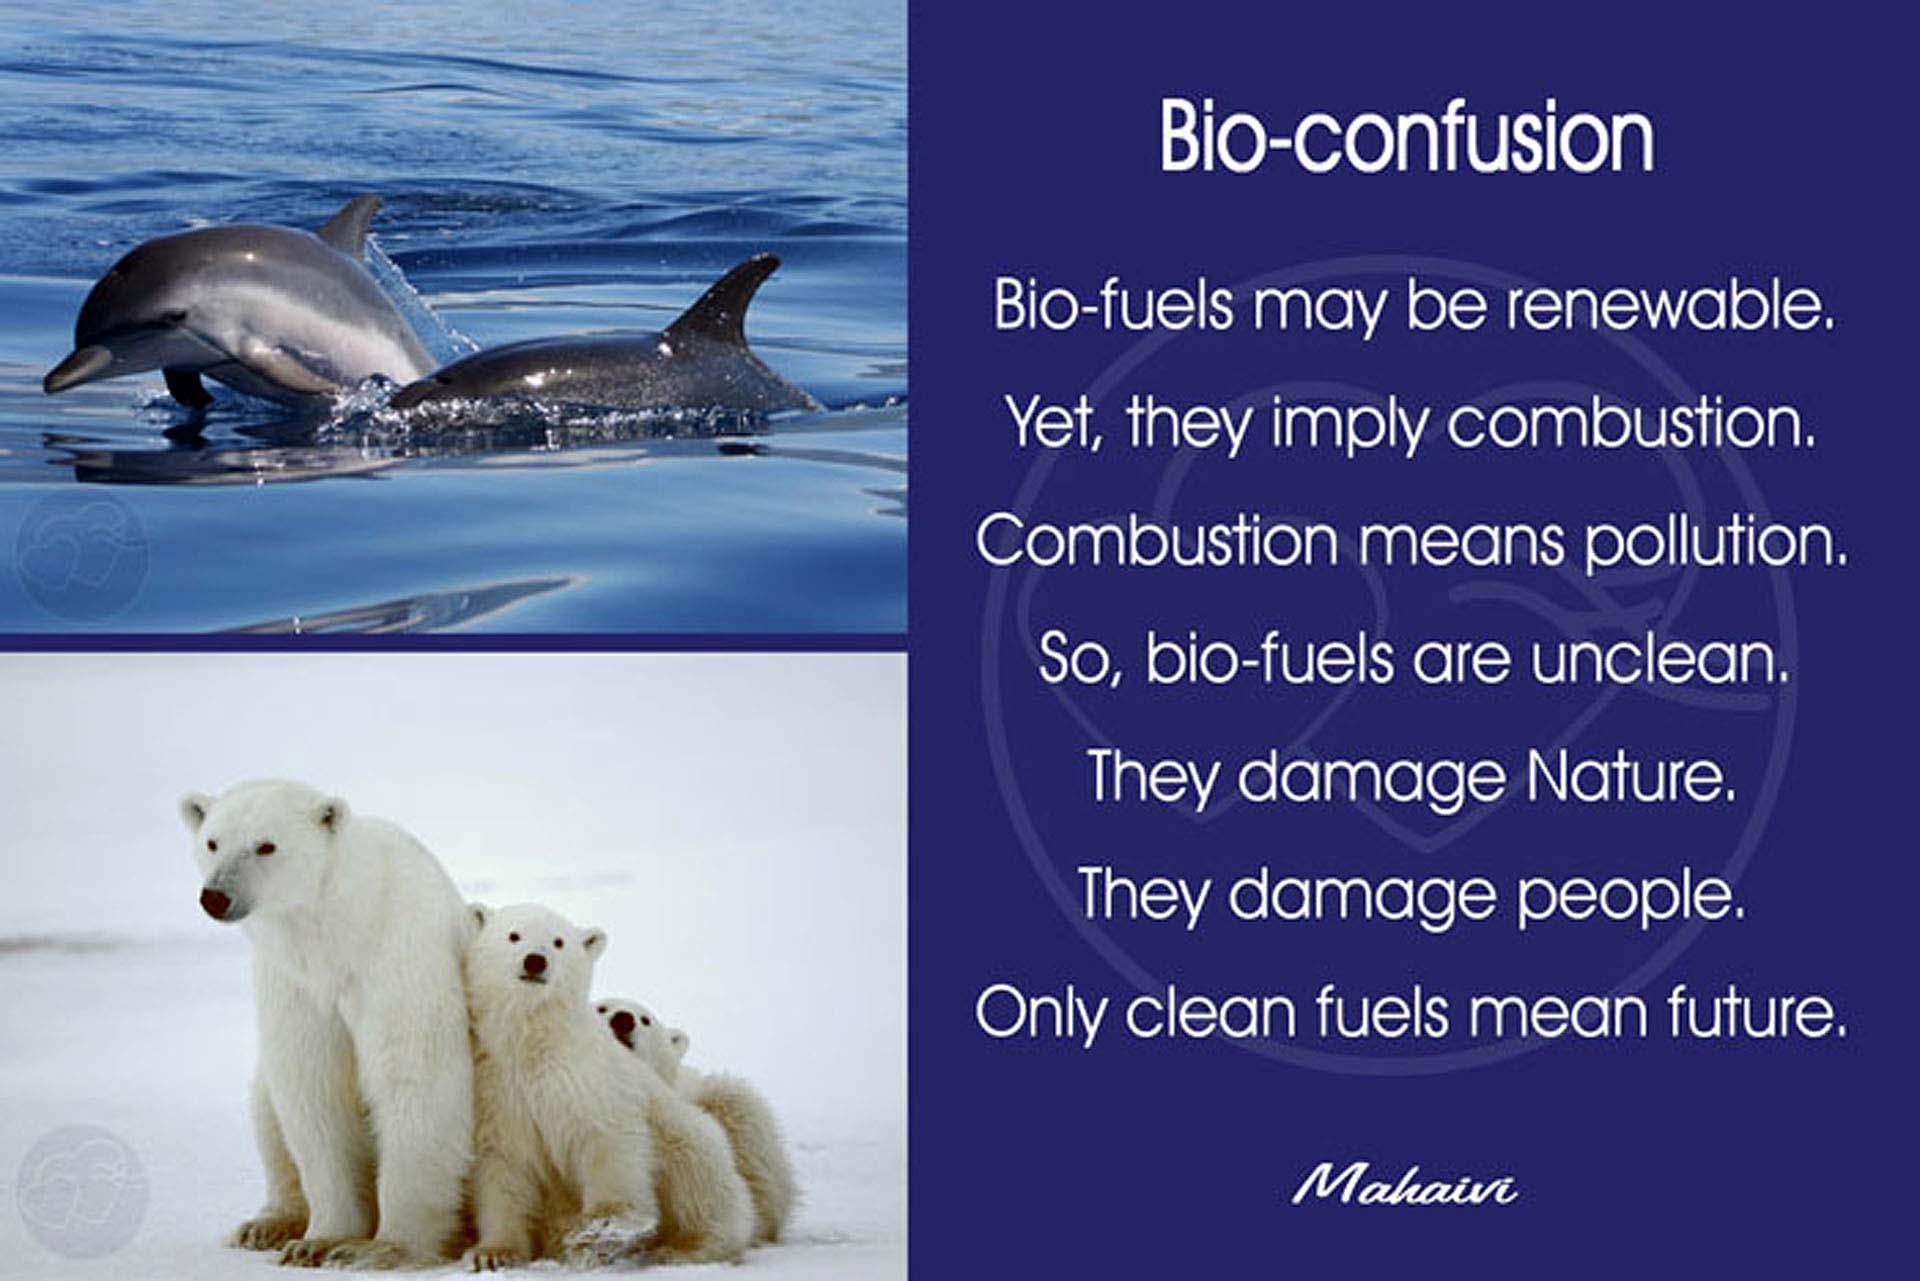 Bio-confusion